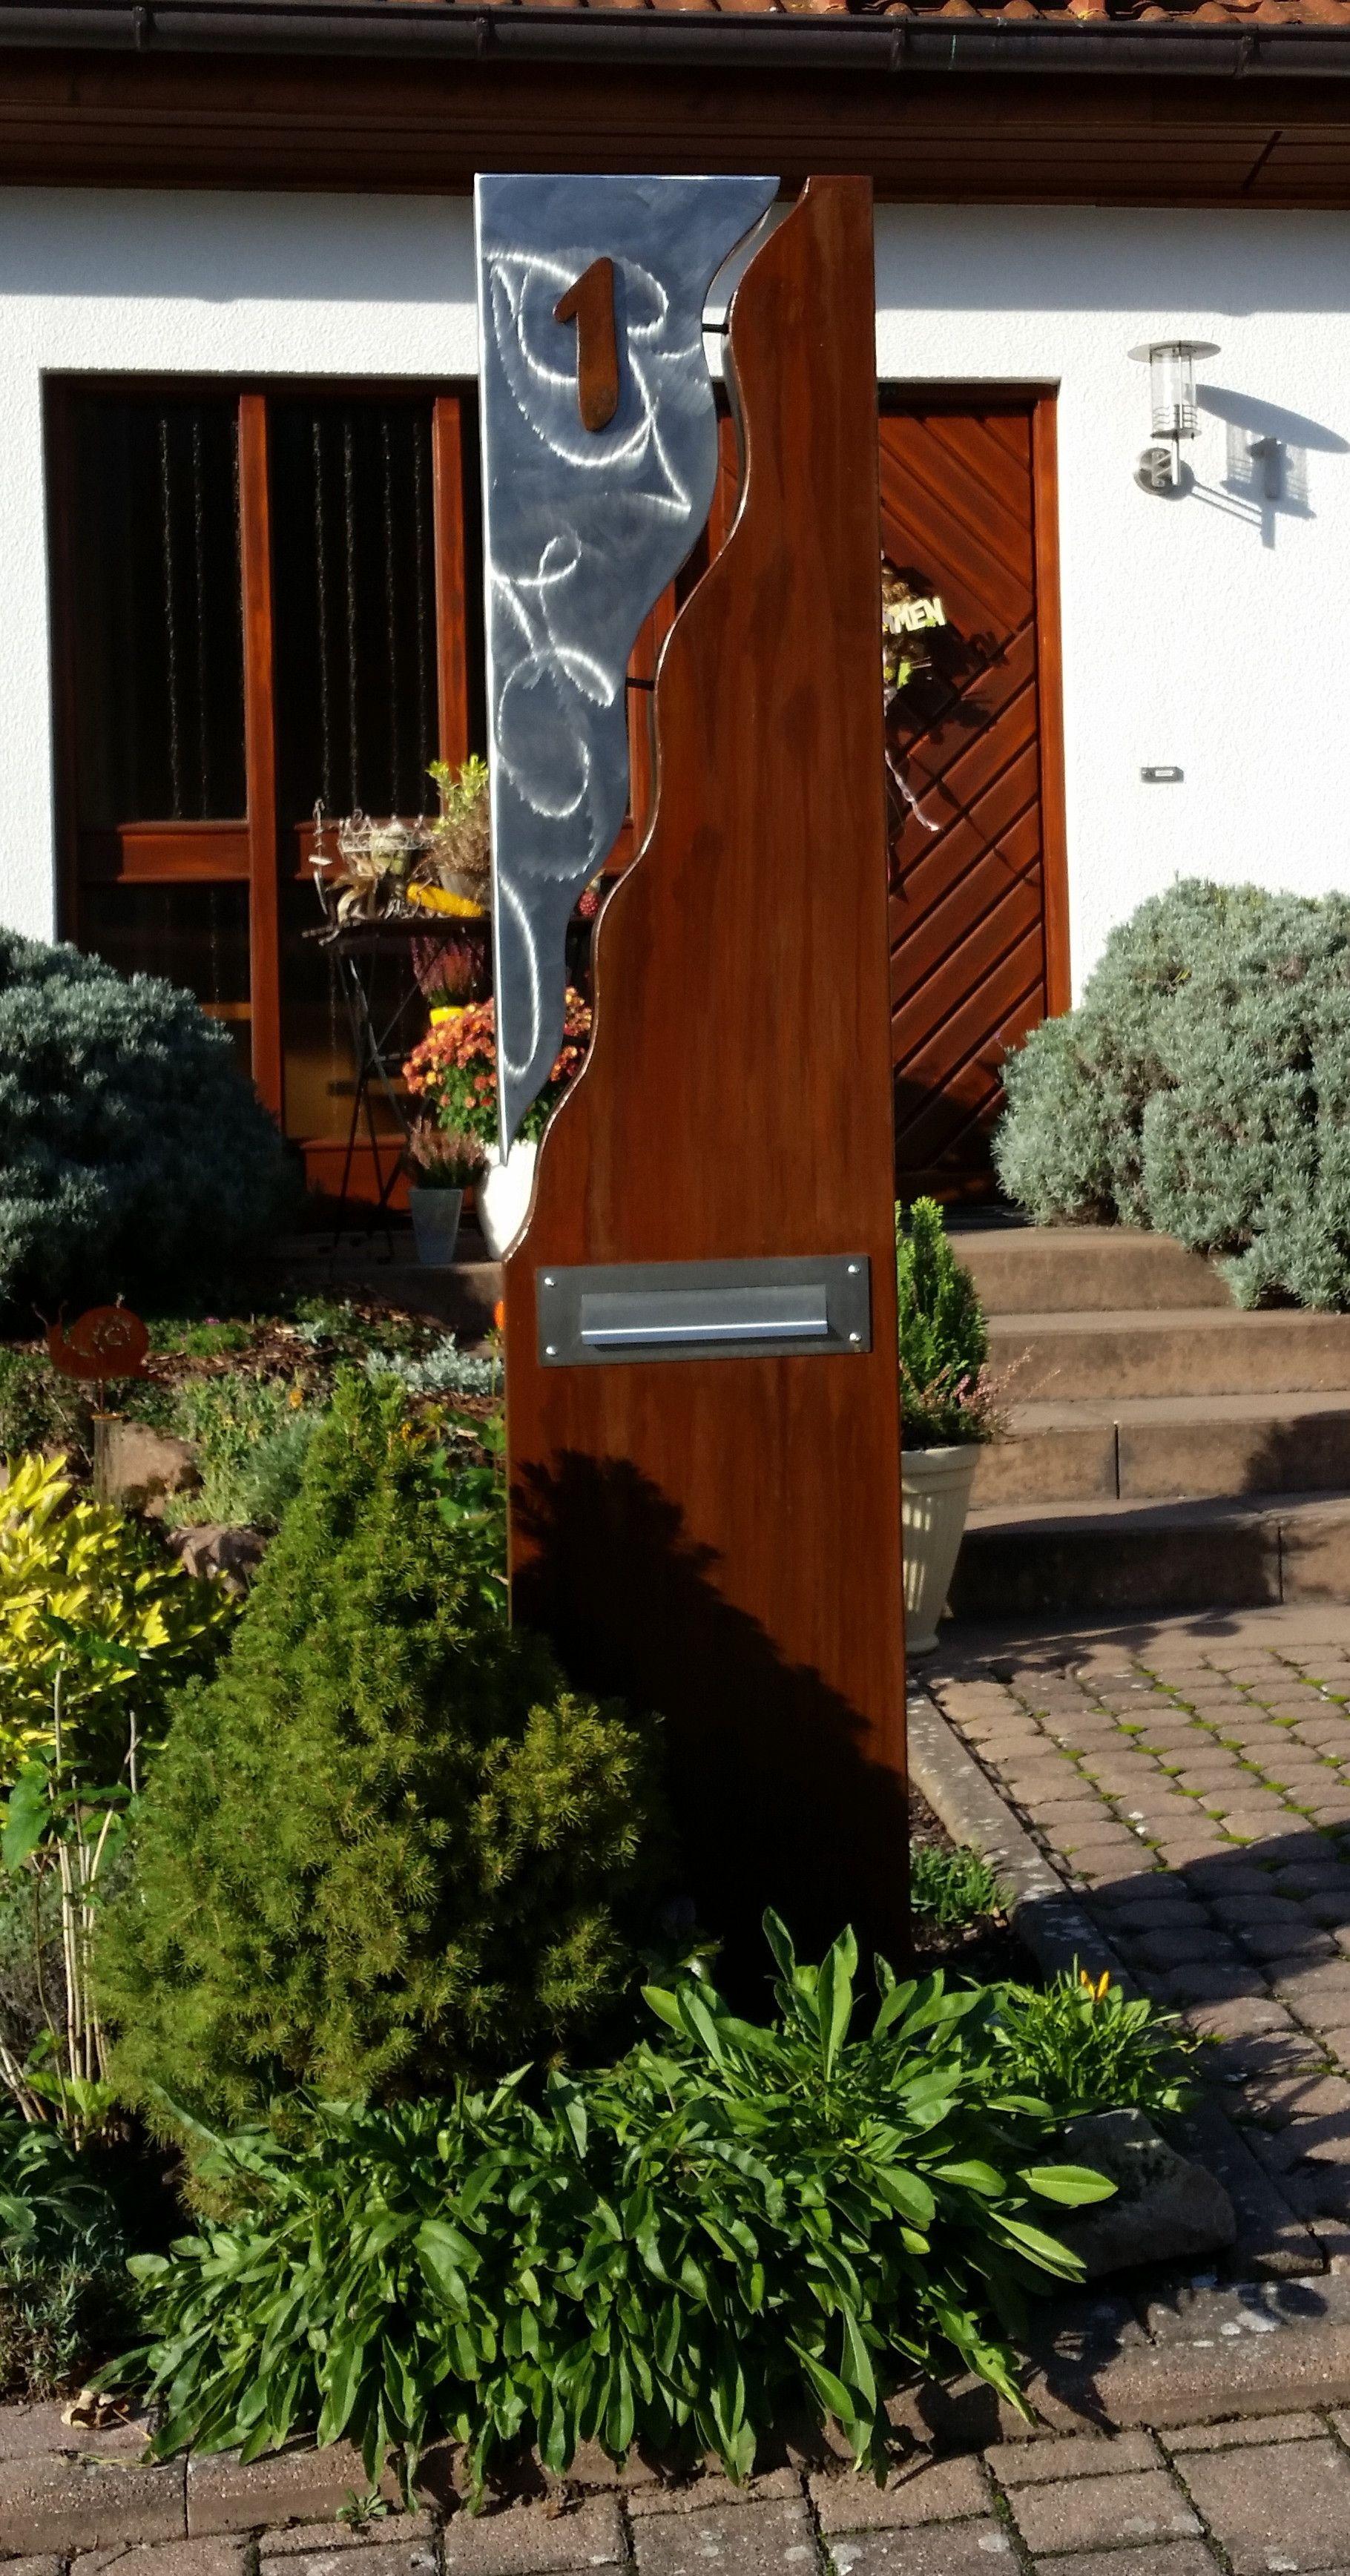 Briefkasten s ule bestehend aus einer kombination von stahl u edelstahl kunst in 2019 - Gartendeko stahl ...